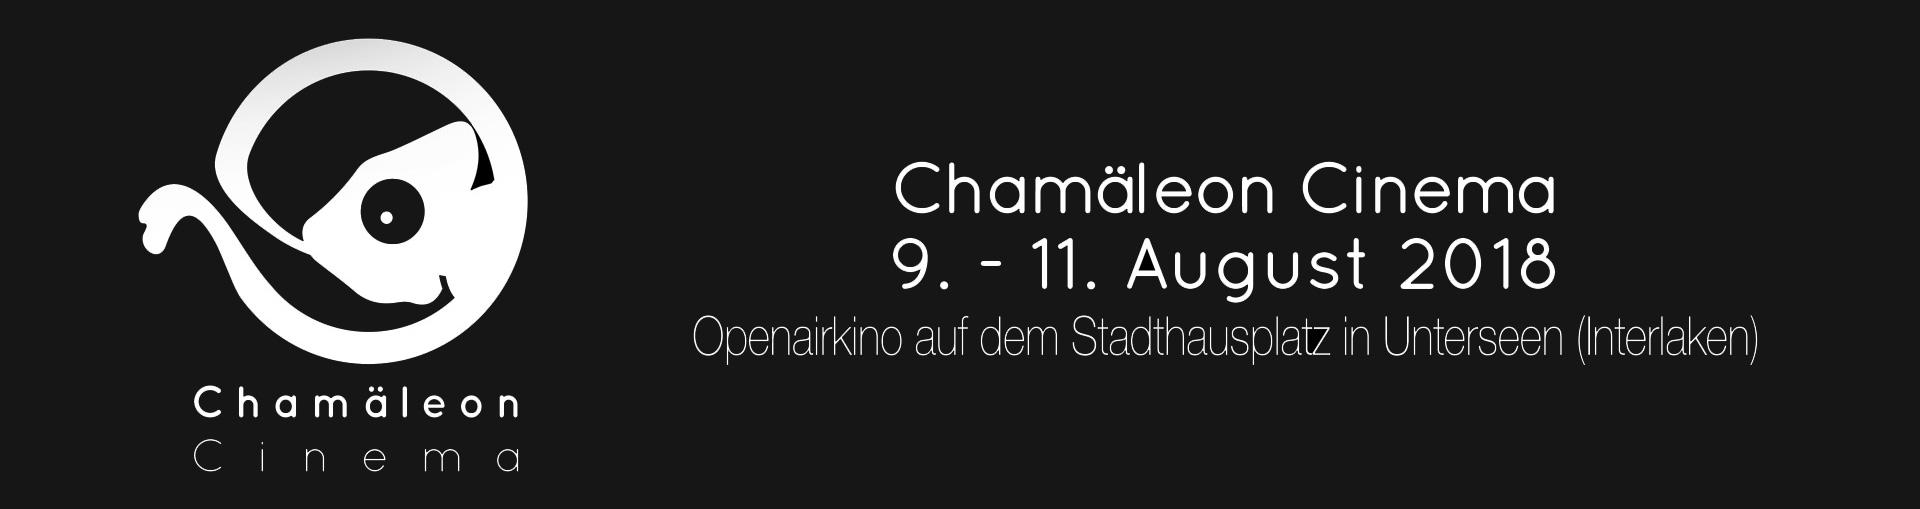 Chamäleon Cinema